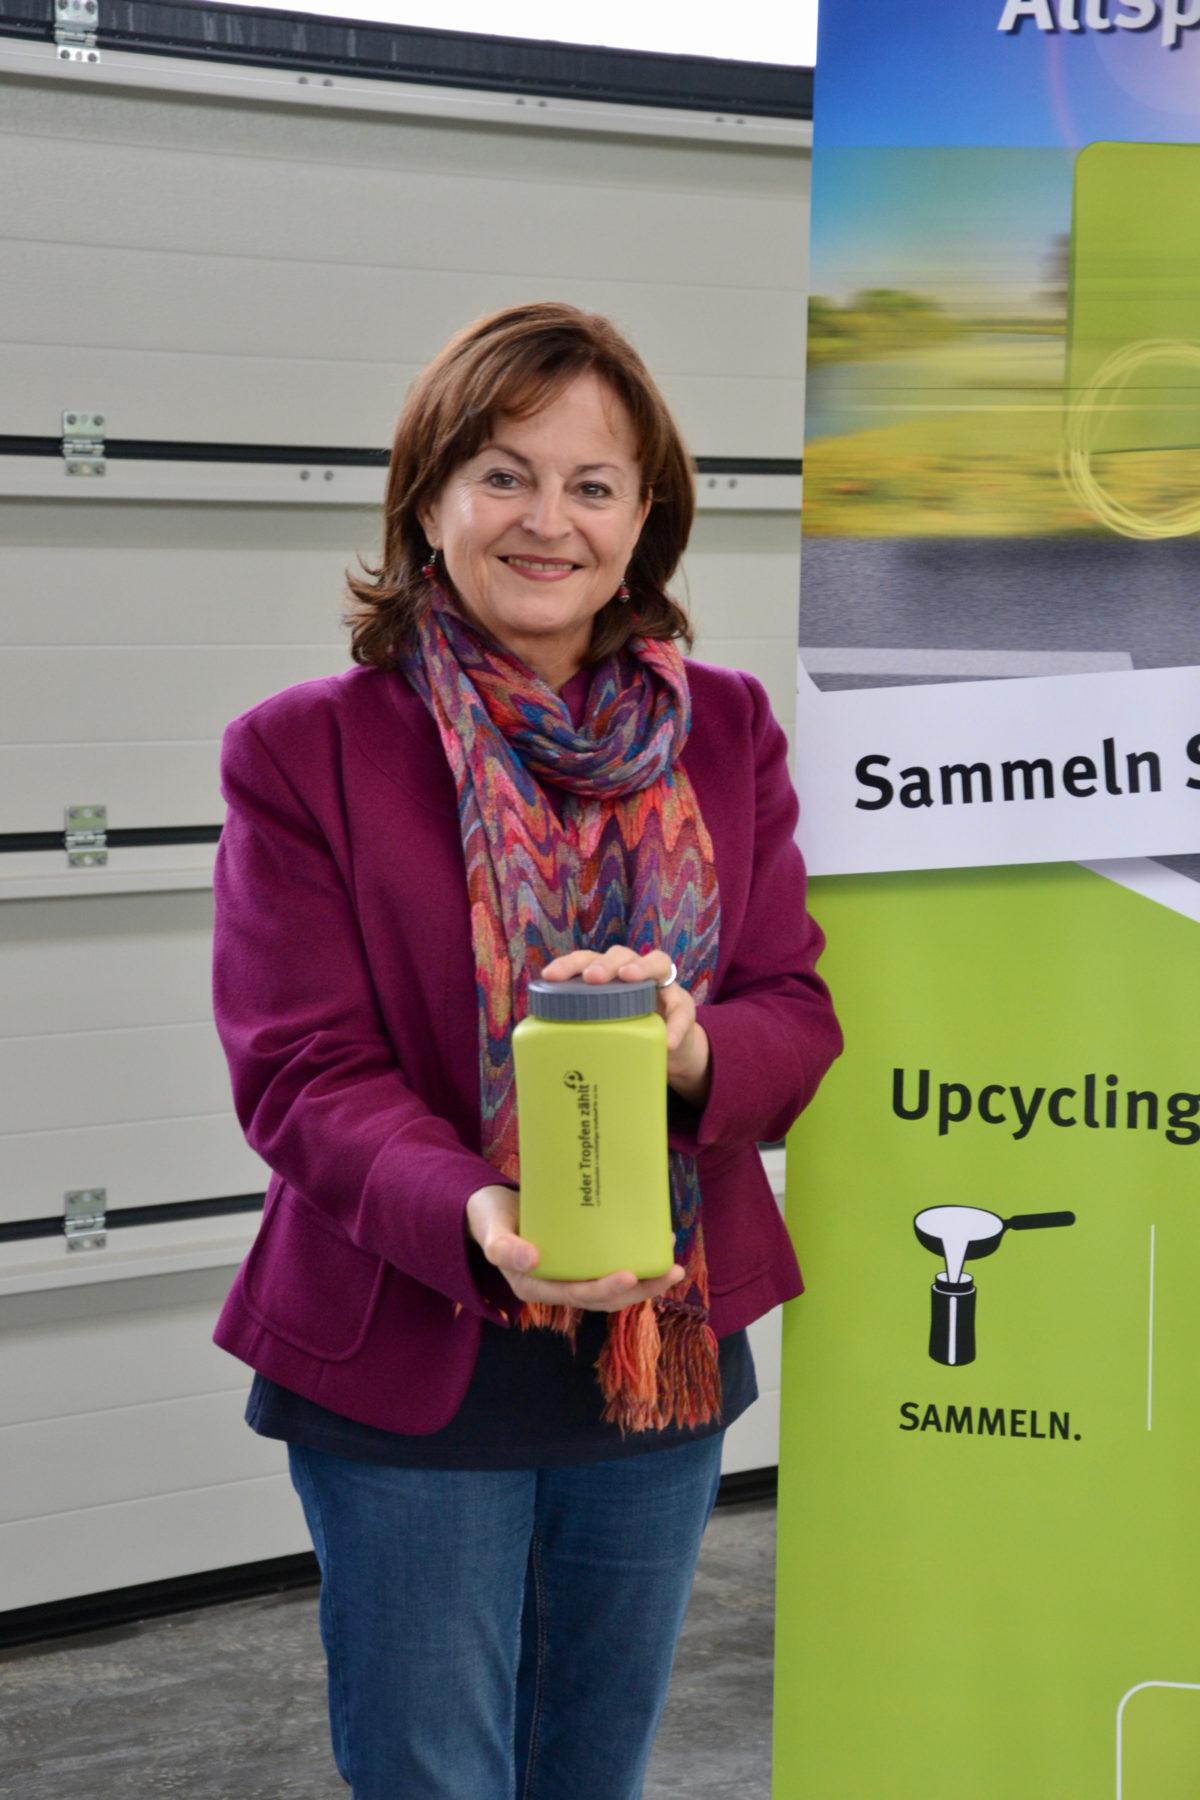 Marlene Mortler, MdB, umweltpolitischer Sprecher der SPD Fraktion im Bundestag